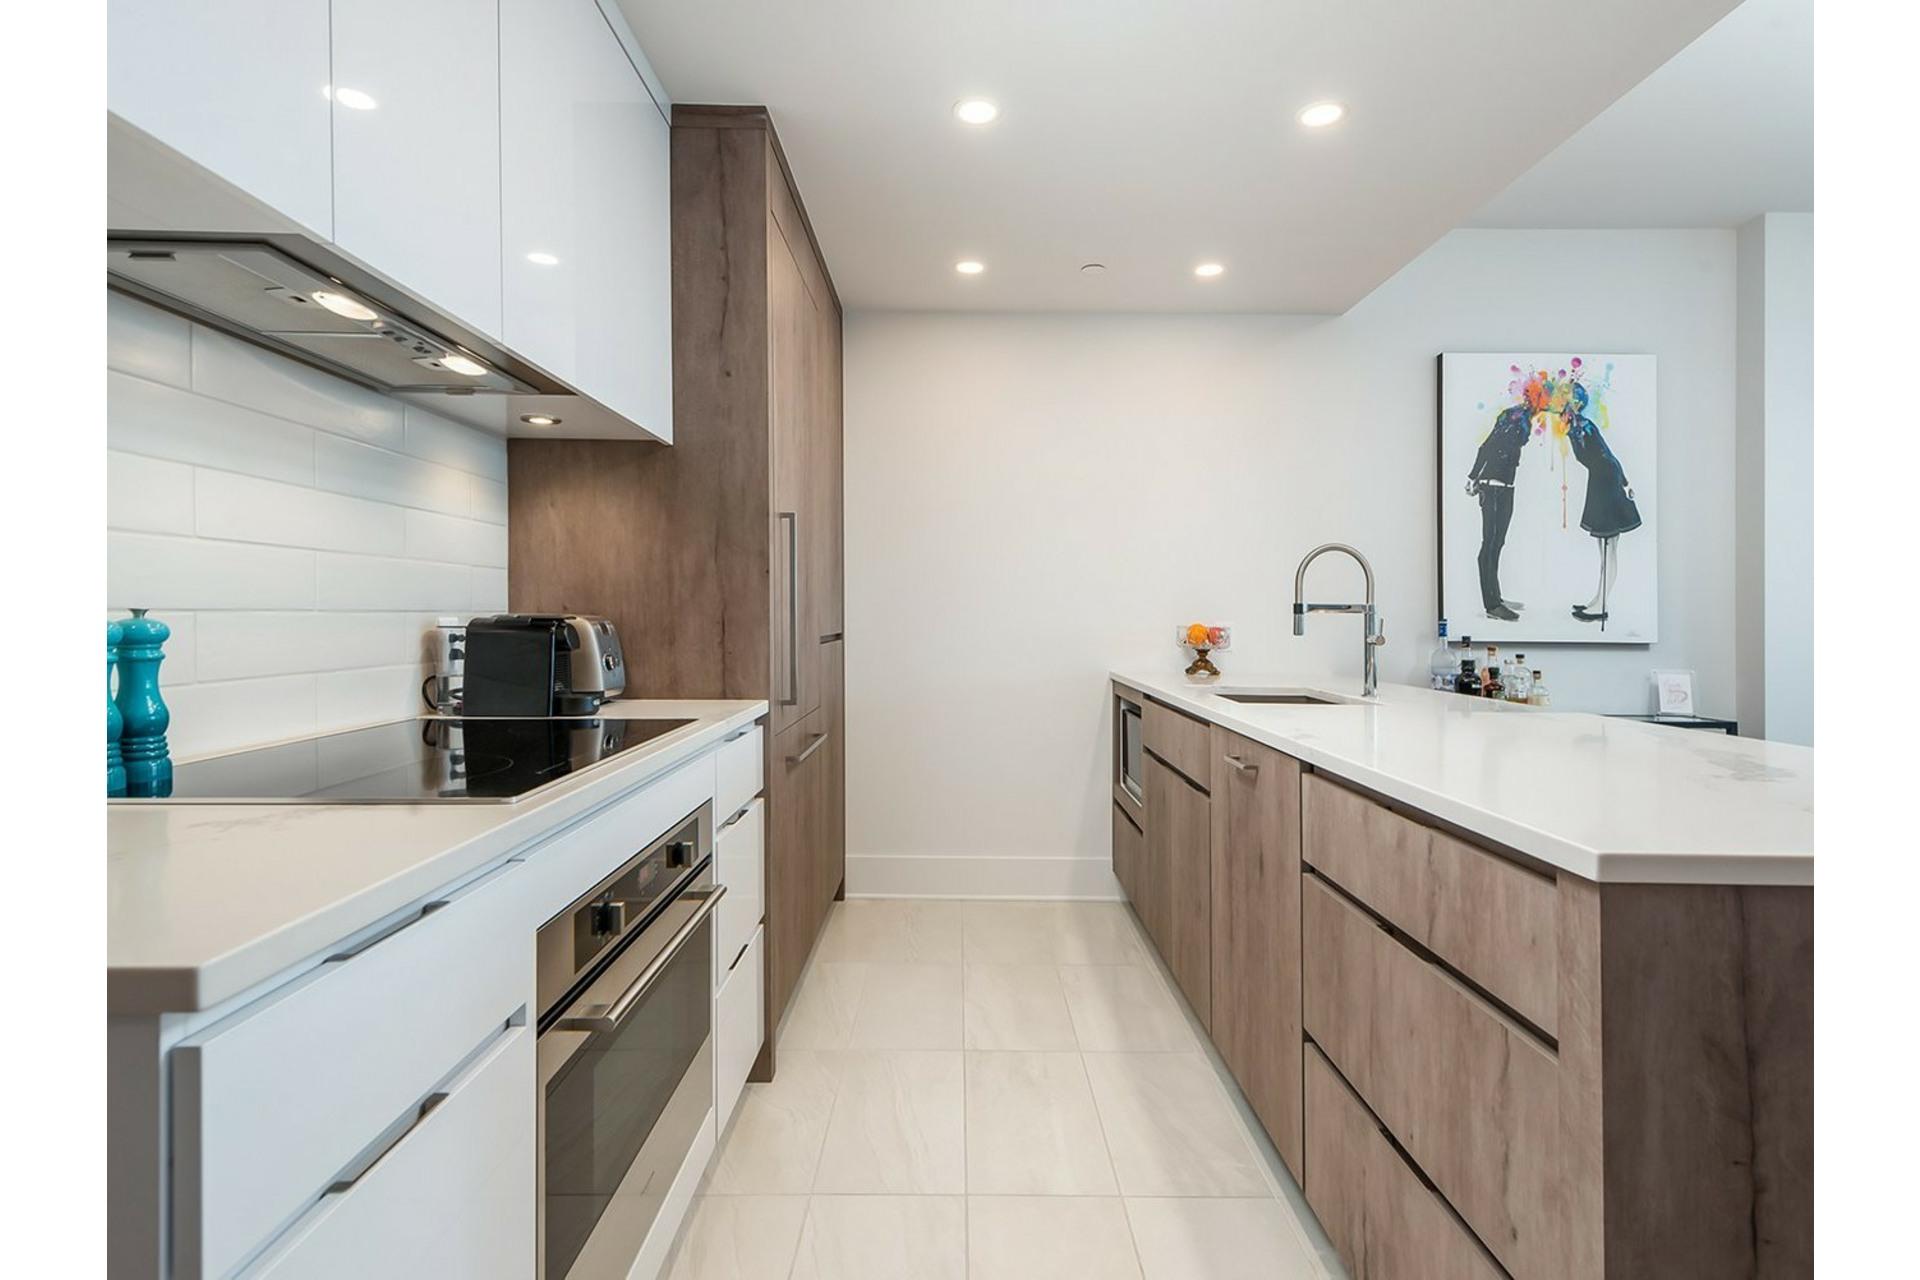 image 5 - Appartement À vendre Ville-Marie Montréal  - 8 pièces